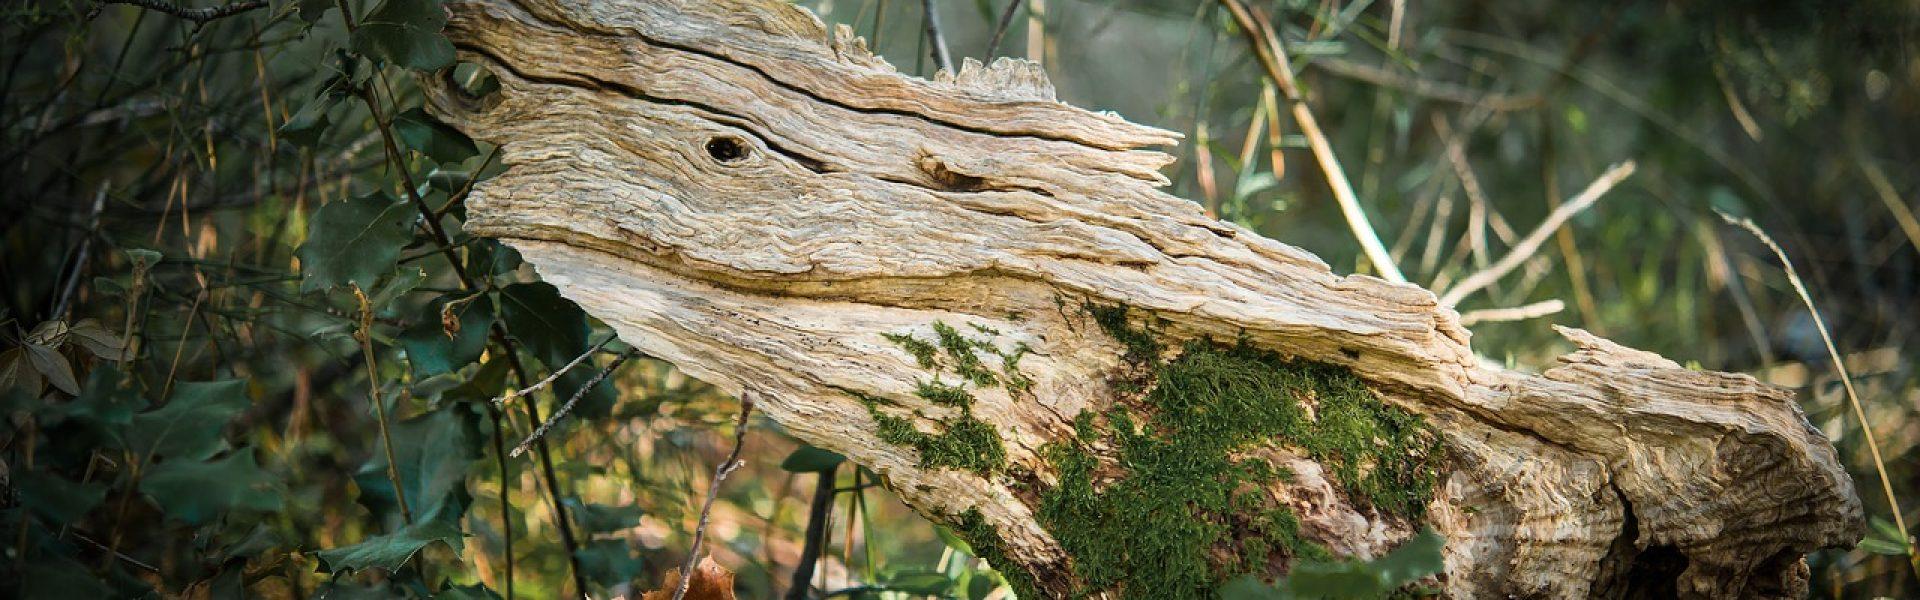 Full Size of Gartenskulpturen Aus Holz Gartenskulptur Stein Und Glas Selber Machen Kaufen Skulpturen Garten Ratgeber Holzskulpturen Kunstwerke Natrlichen Rohstoffen Regal Wohnzimmer Gartenskulpturen Holz